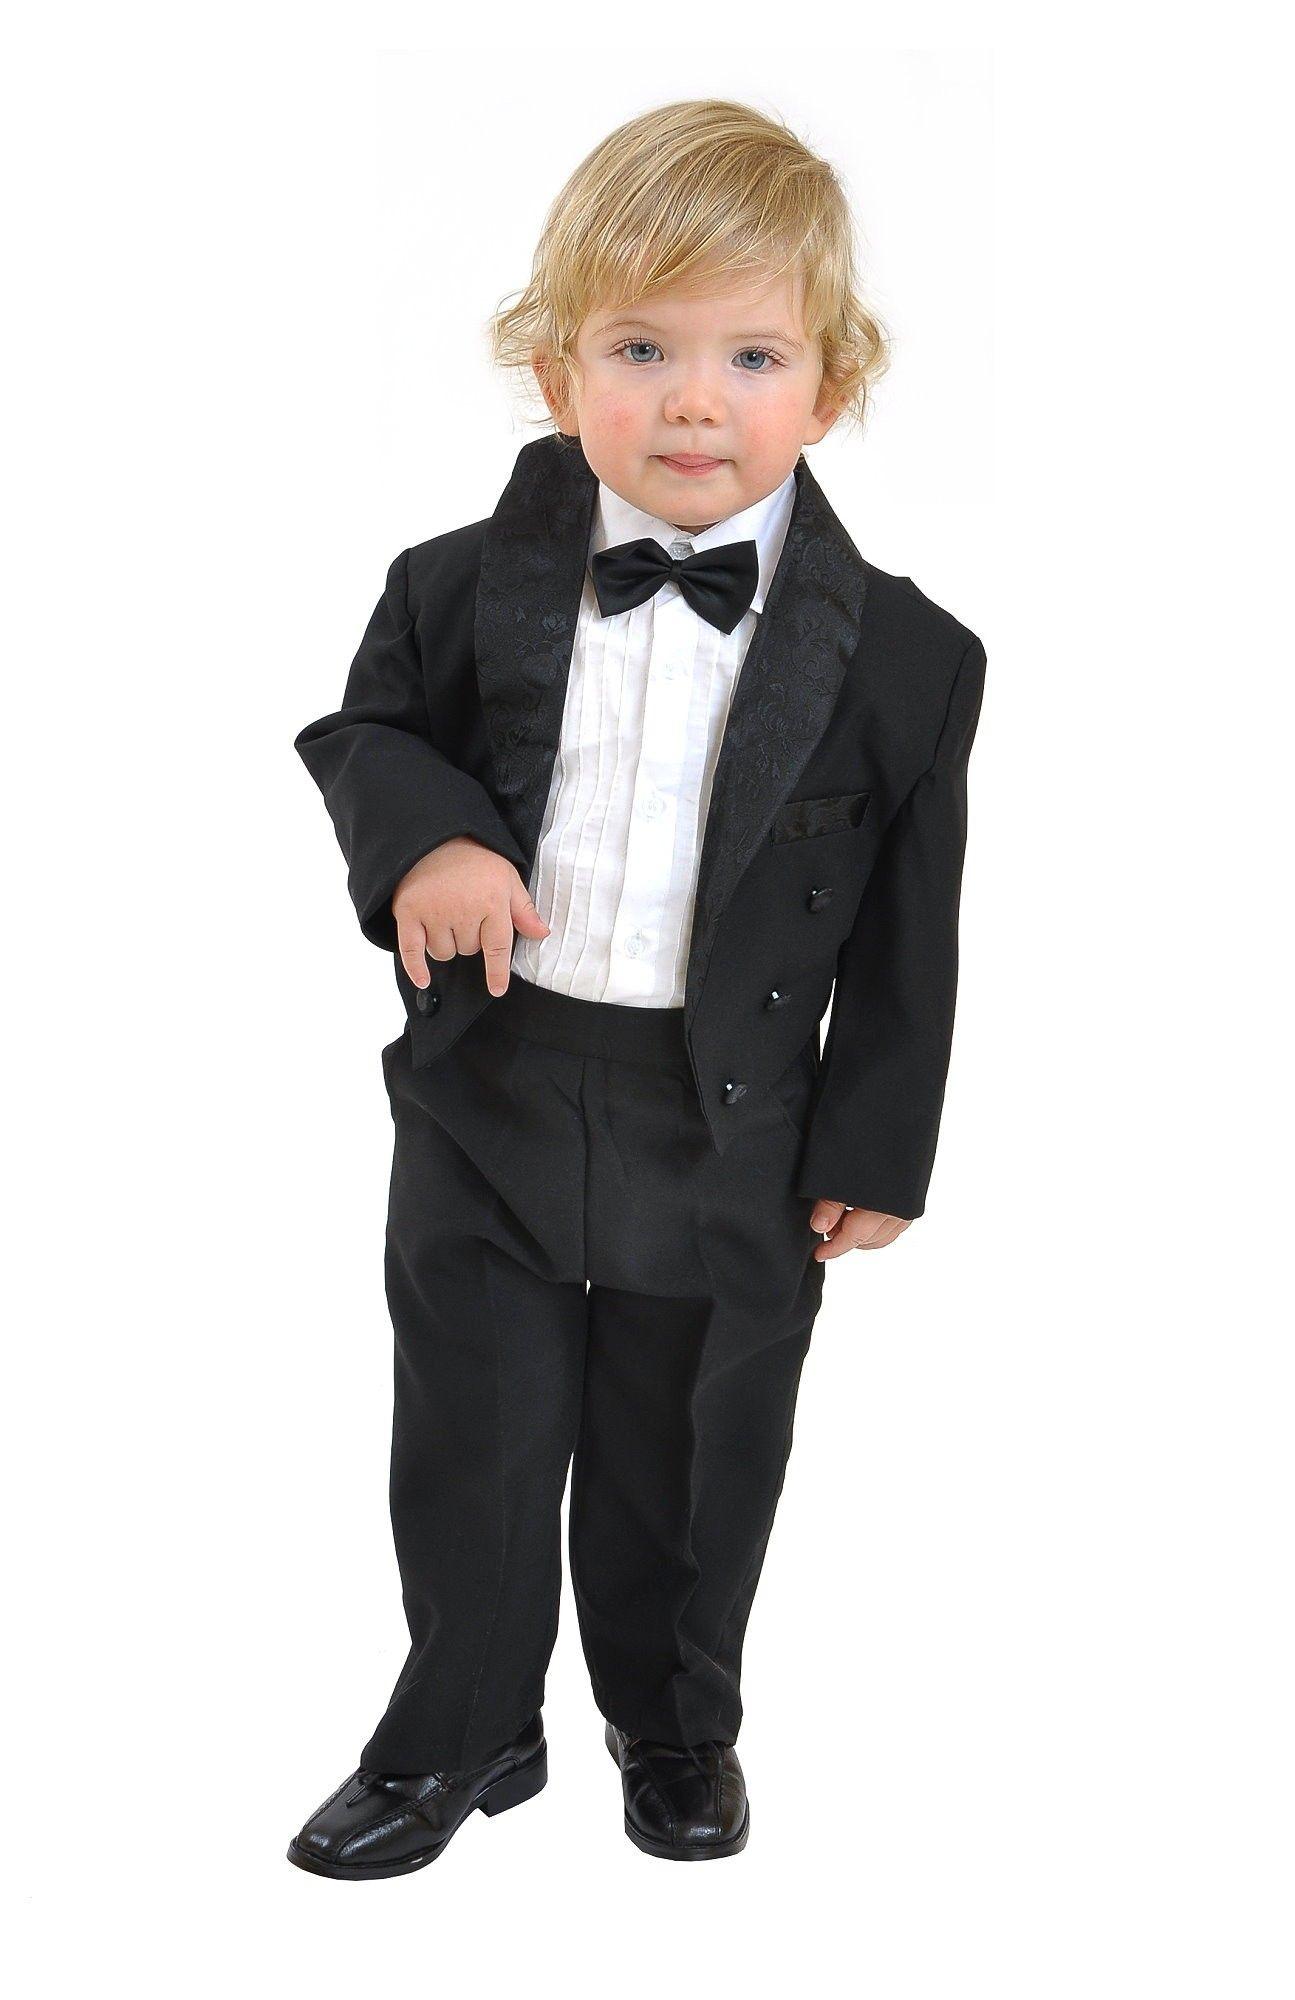 Theo will ausgehn  Anzug, Kinder anzug, Anzug jungen